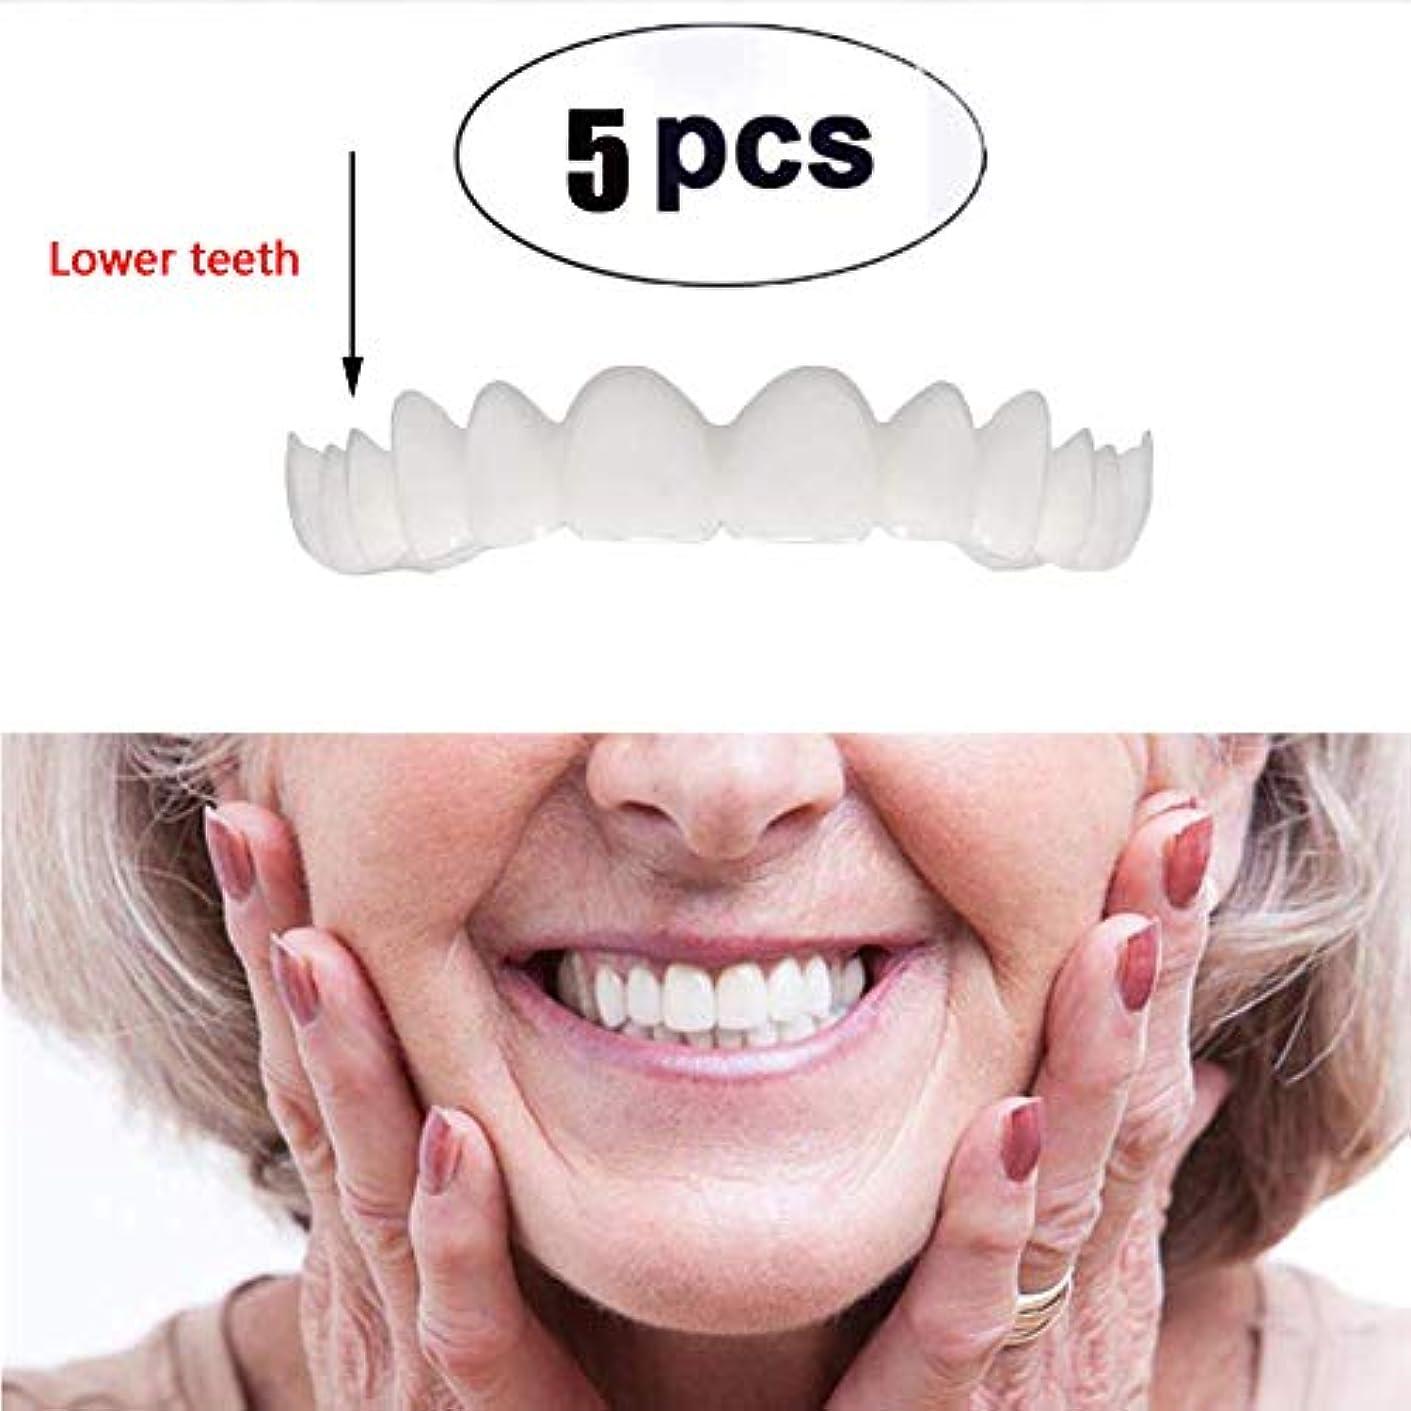 意味のある手比率5ピース下の歯一時的な化粧品の歯化粧品模擬ブレースホワイトニング歯スナップキャップインスタント快適なフレックスパーフェクトベニア